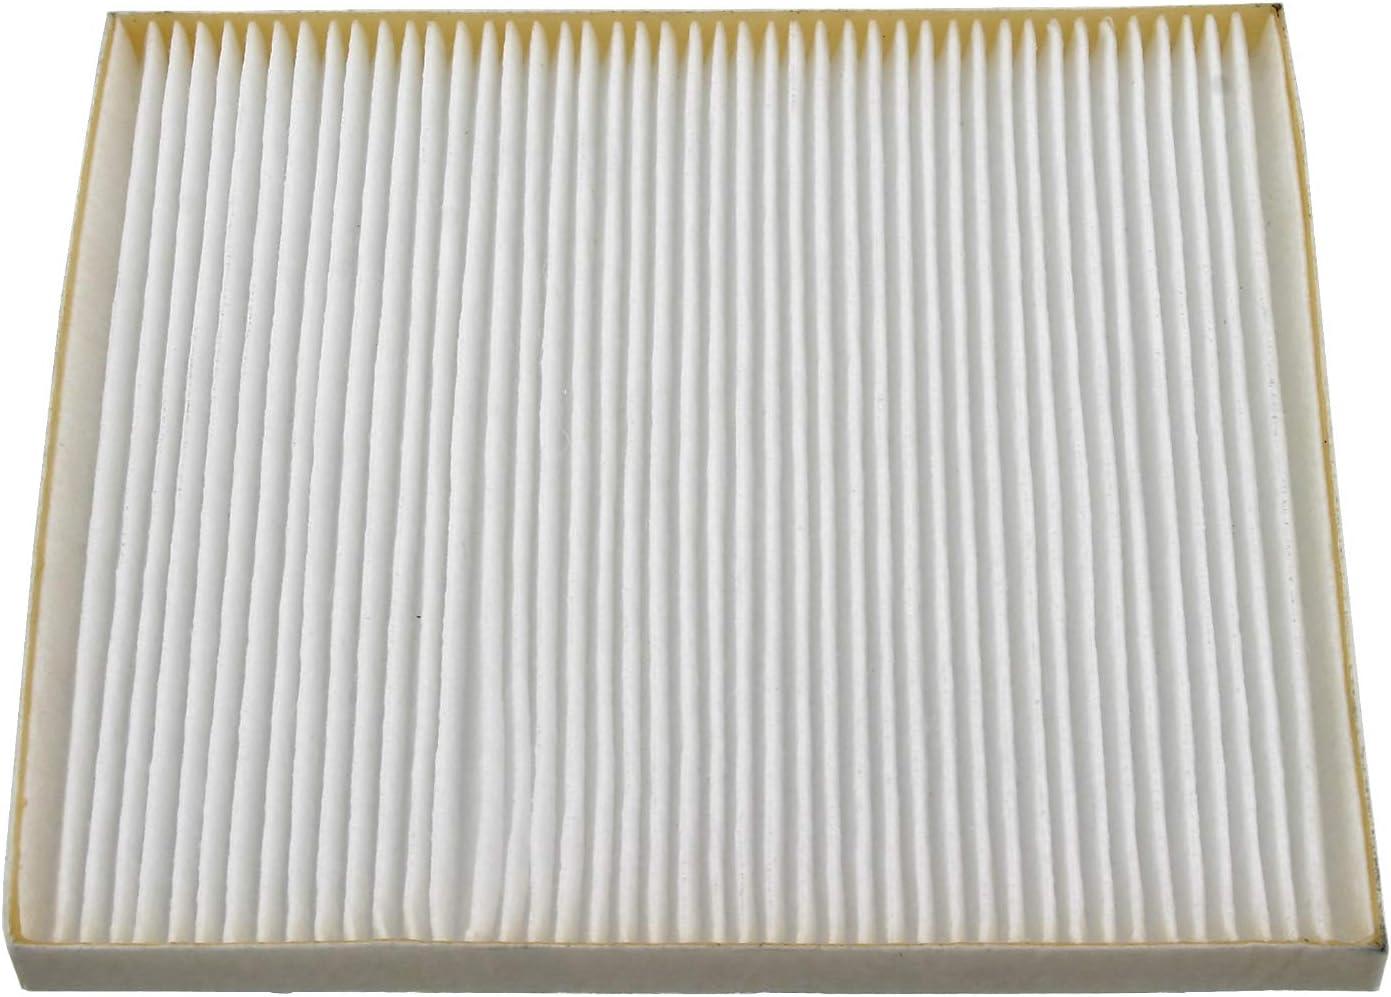 Febi Bilstein 27423 Innenraumfilter Pollenfilter 1 Stück Auto